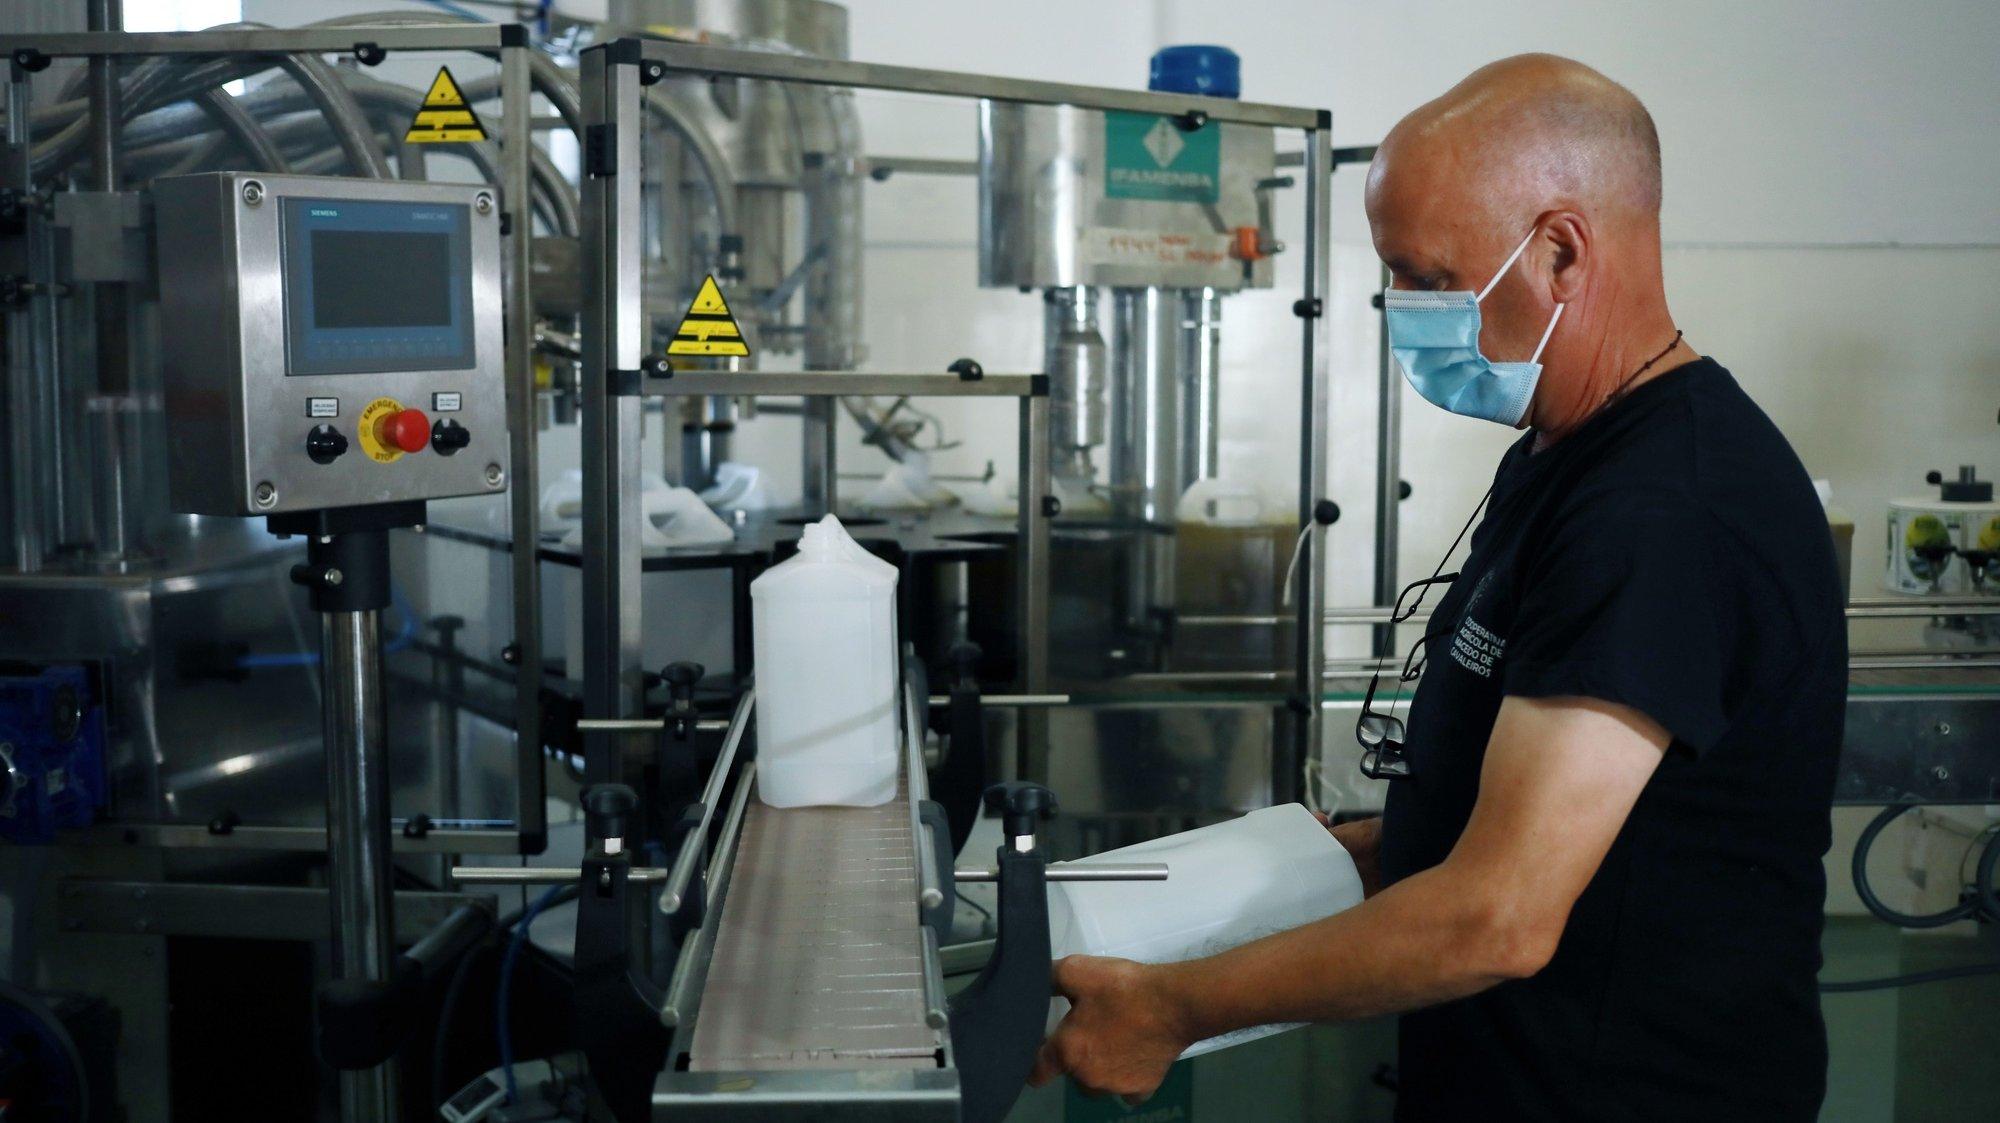 """Produção de azeite na Cooperativa Agrícola de Macedo de Cavaleiros. O azeite de Trás-os-Montes está a ter """"o melhor ano de sempre"""" com um aumento da procura que as organizações do setor atribuem às alterações dos hábitos dos consumidores resultantes dos confinamentos impostos pela pandemia covid-19, 15 de julho 2021. (ACOMPANHA TEXTO DO DIA 20 DE JULHO DE 2021) ESTELA SILVA/LUSA"""